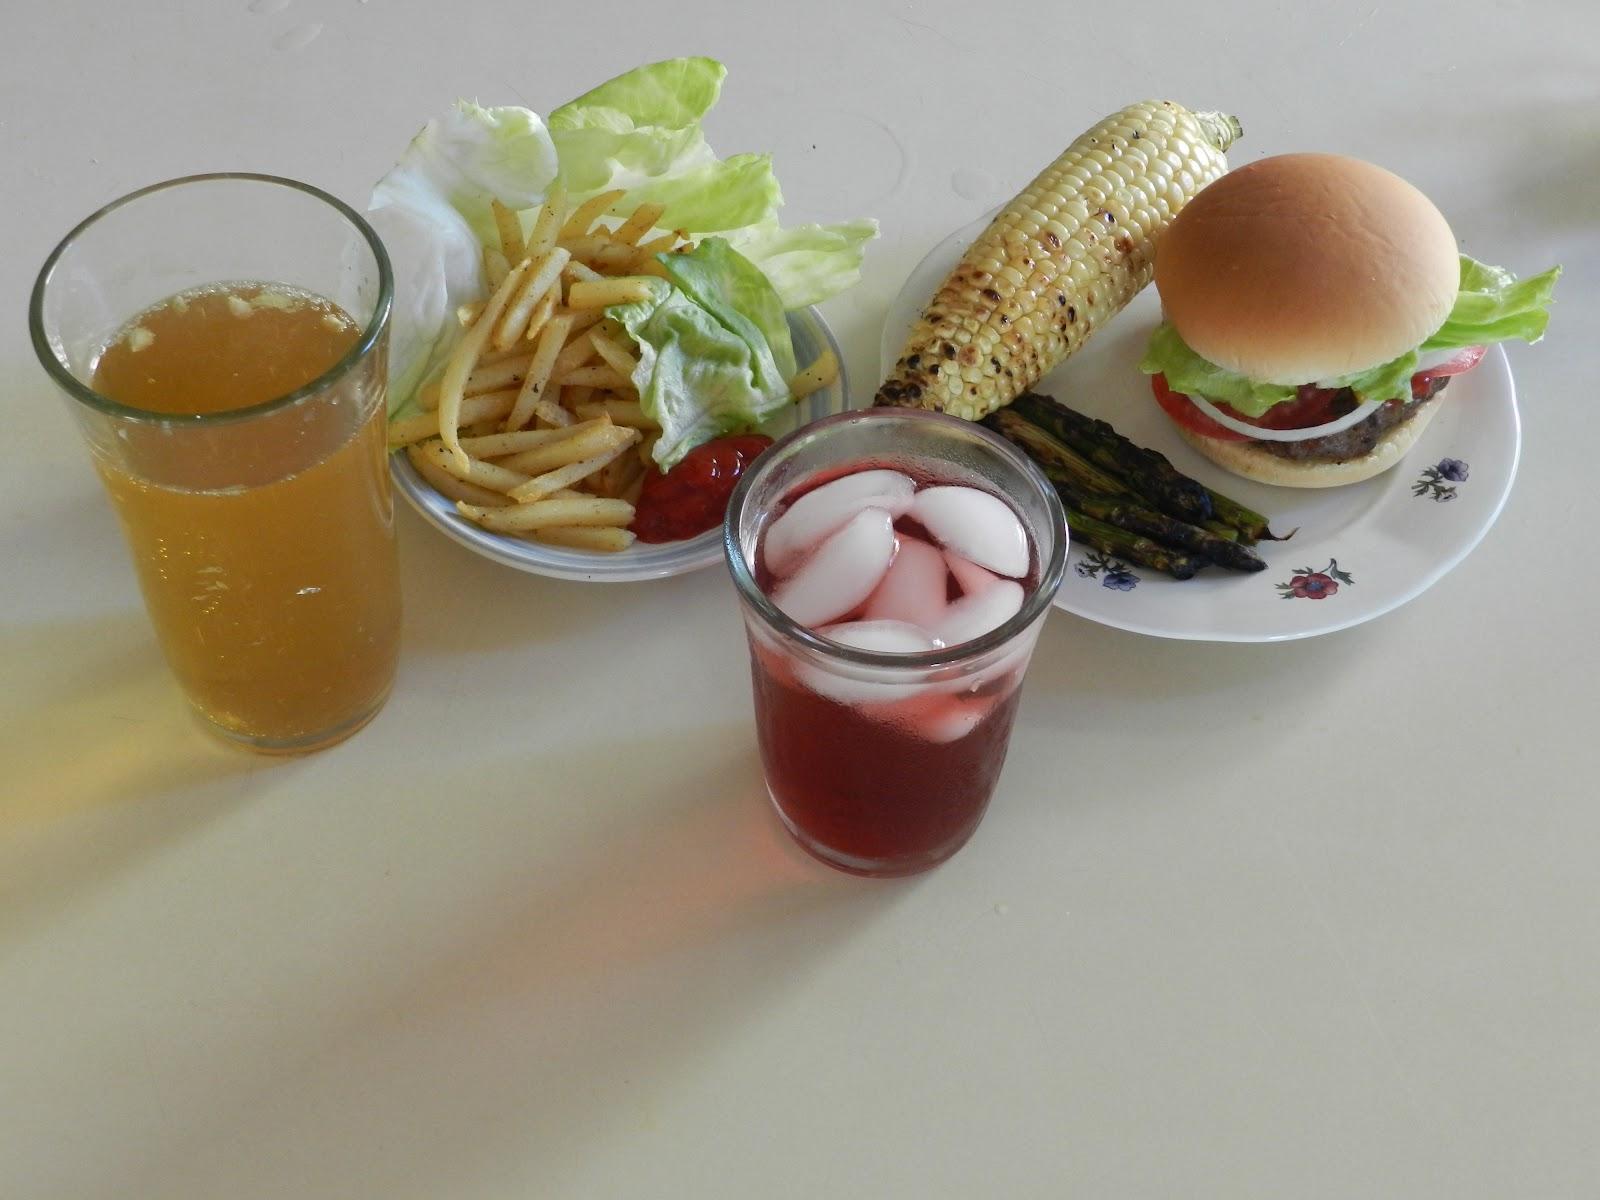 Platillos sencillos y elegantes - Platos sencillos y sanos ...